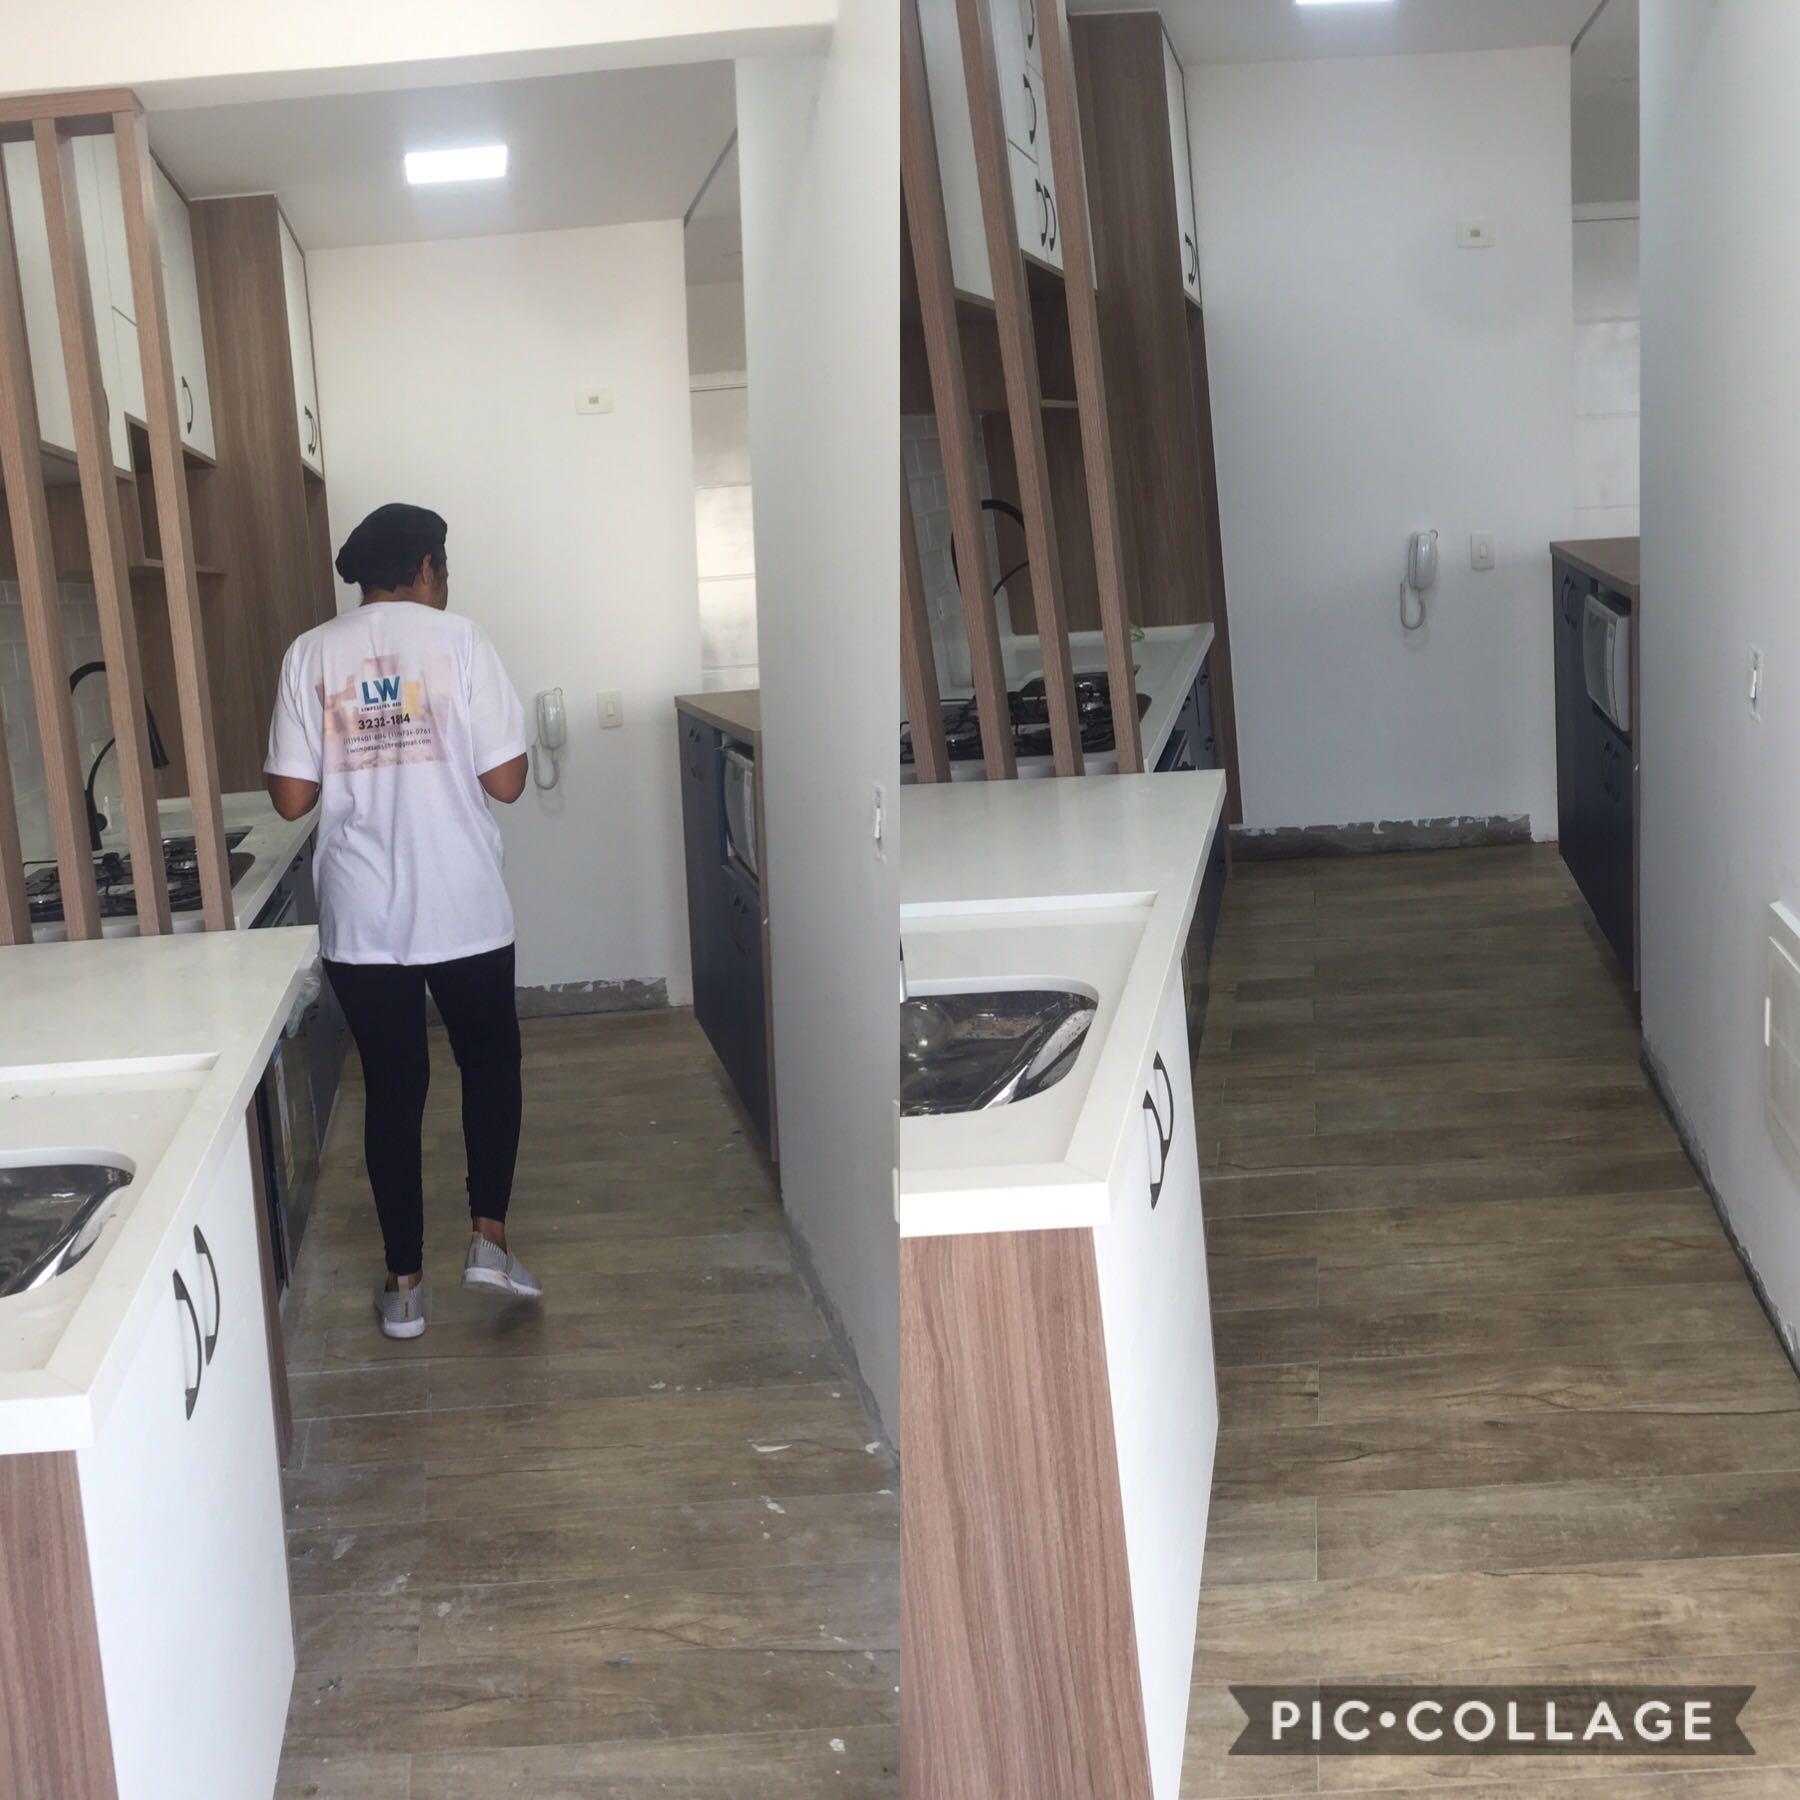 Limpeza pôs obra